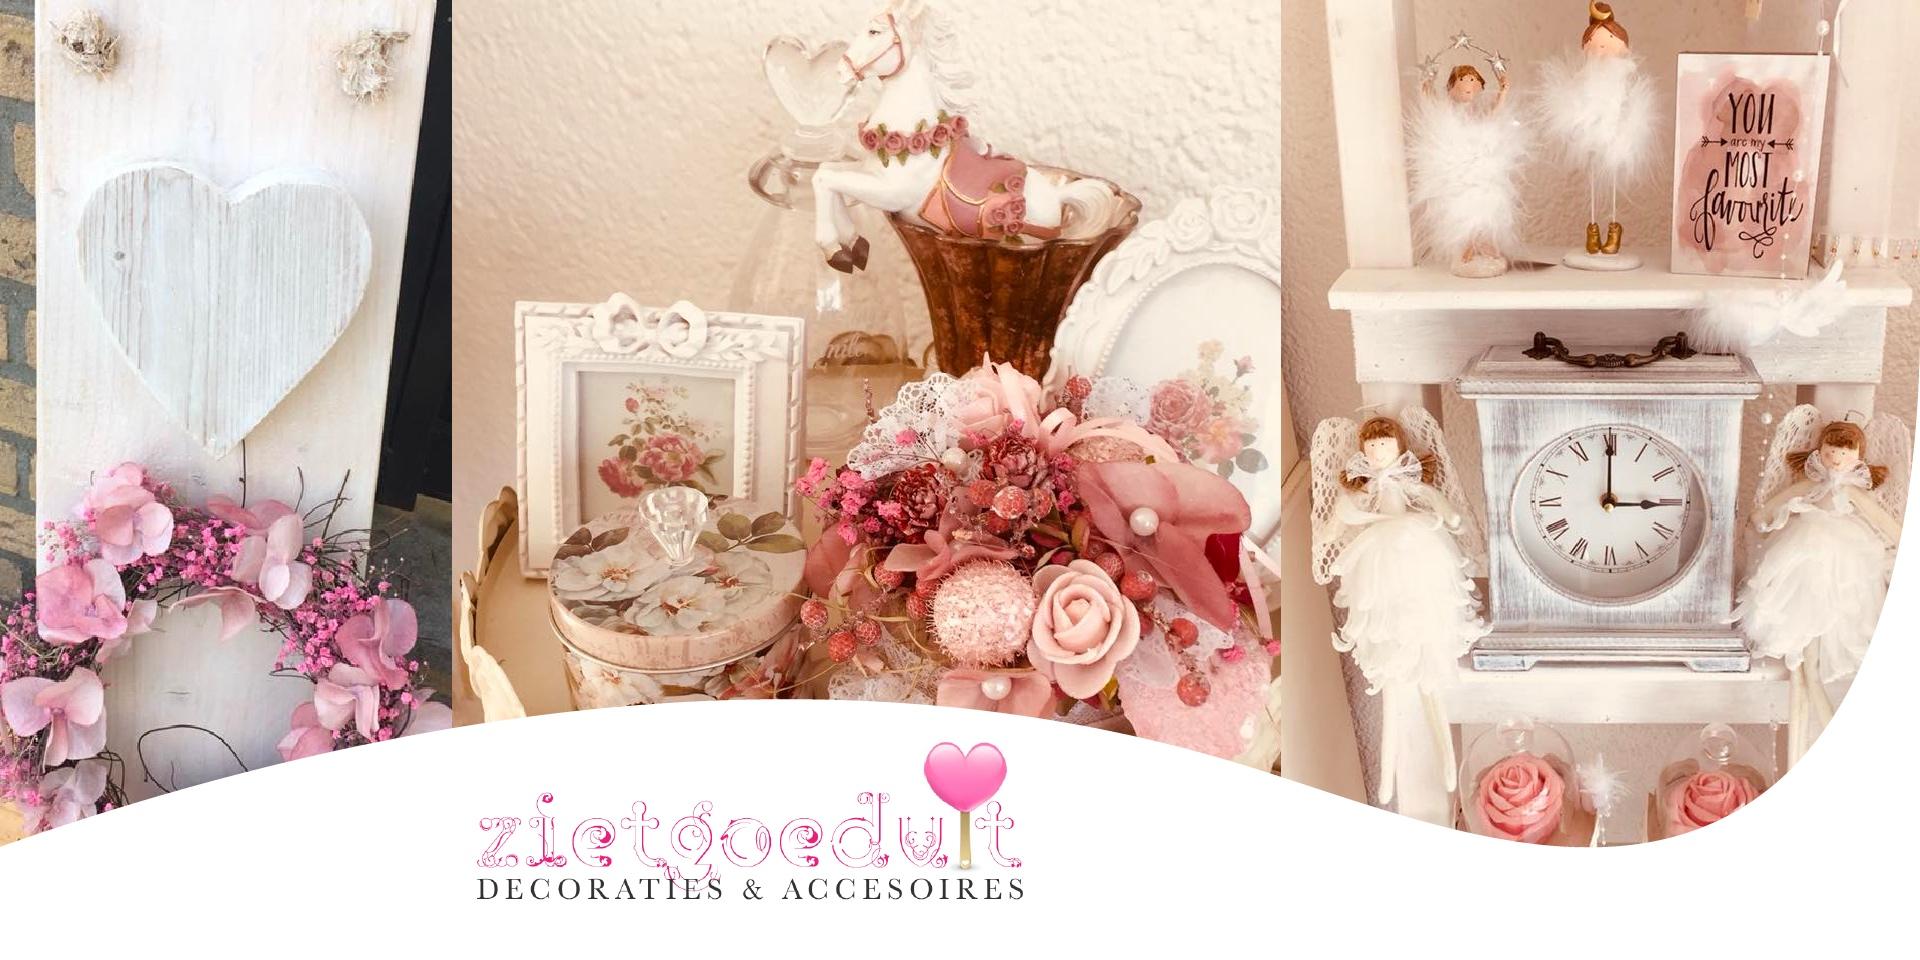 Zietgoeduit decoraties en accesoires